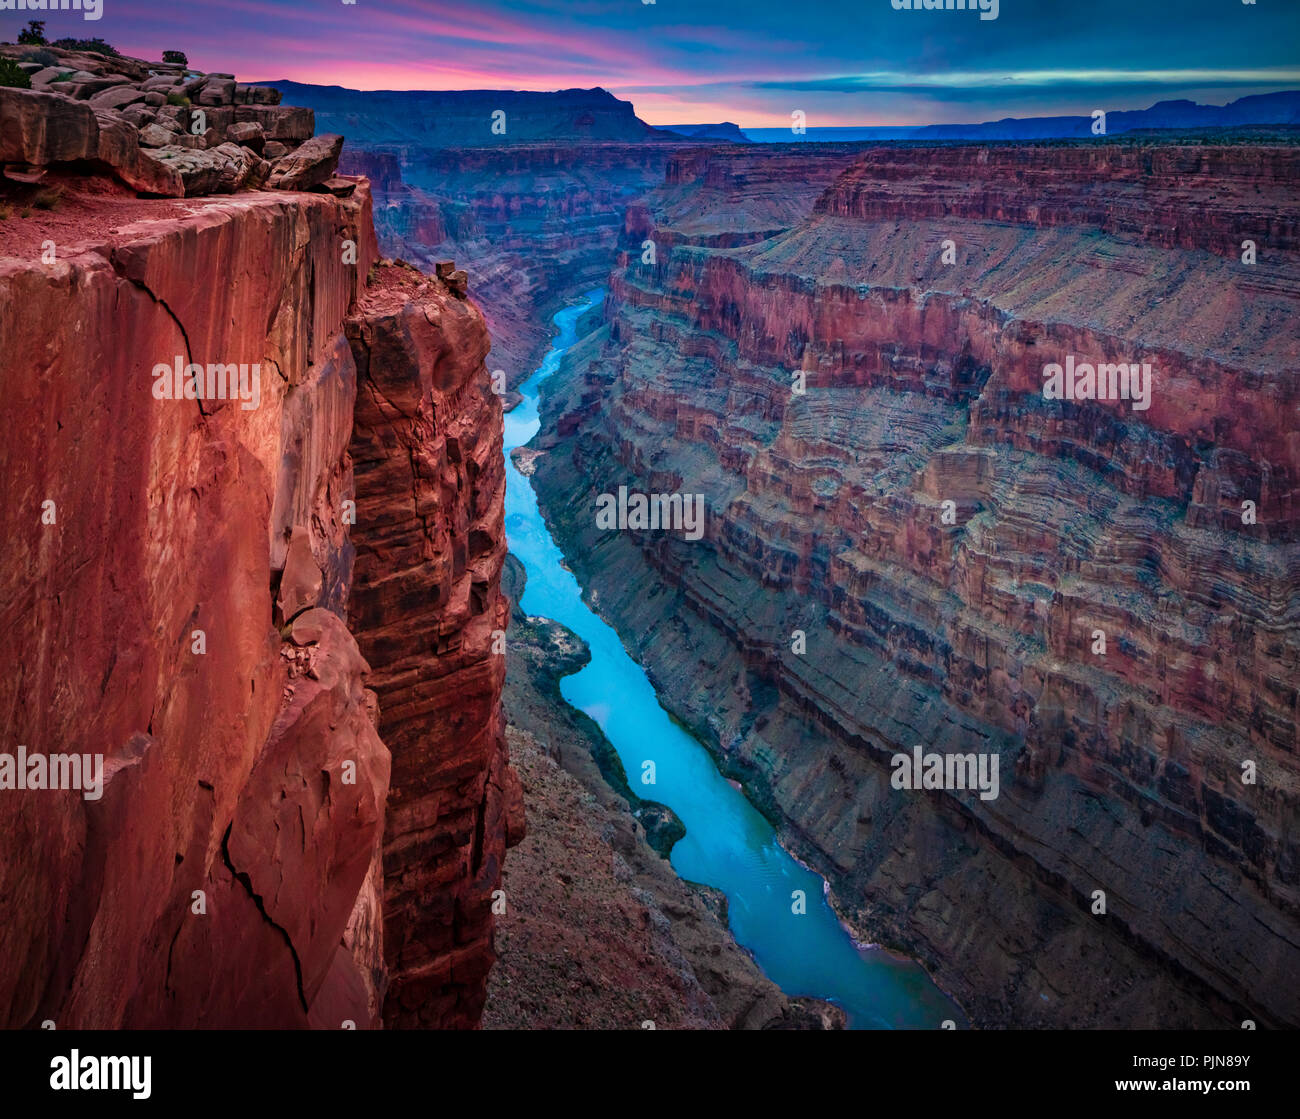 Grand Canyon Toroweap de punto. El Gran Cañón es una escarpada cara cañón tallado por el Río Colorado en el estado de Arizona. Imagen De Stock